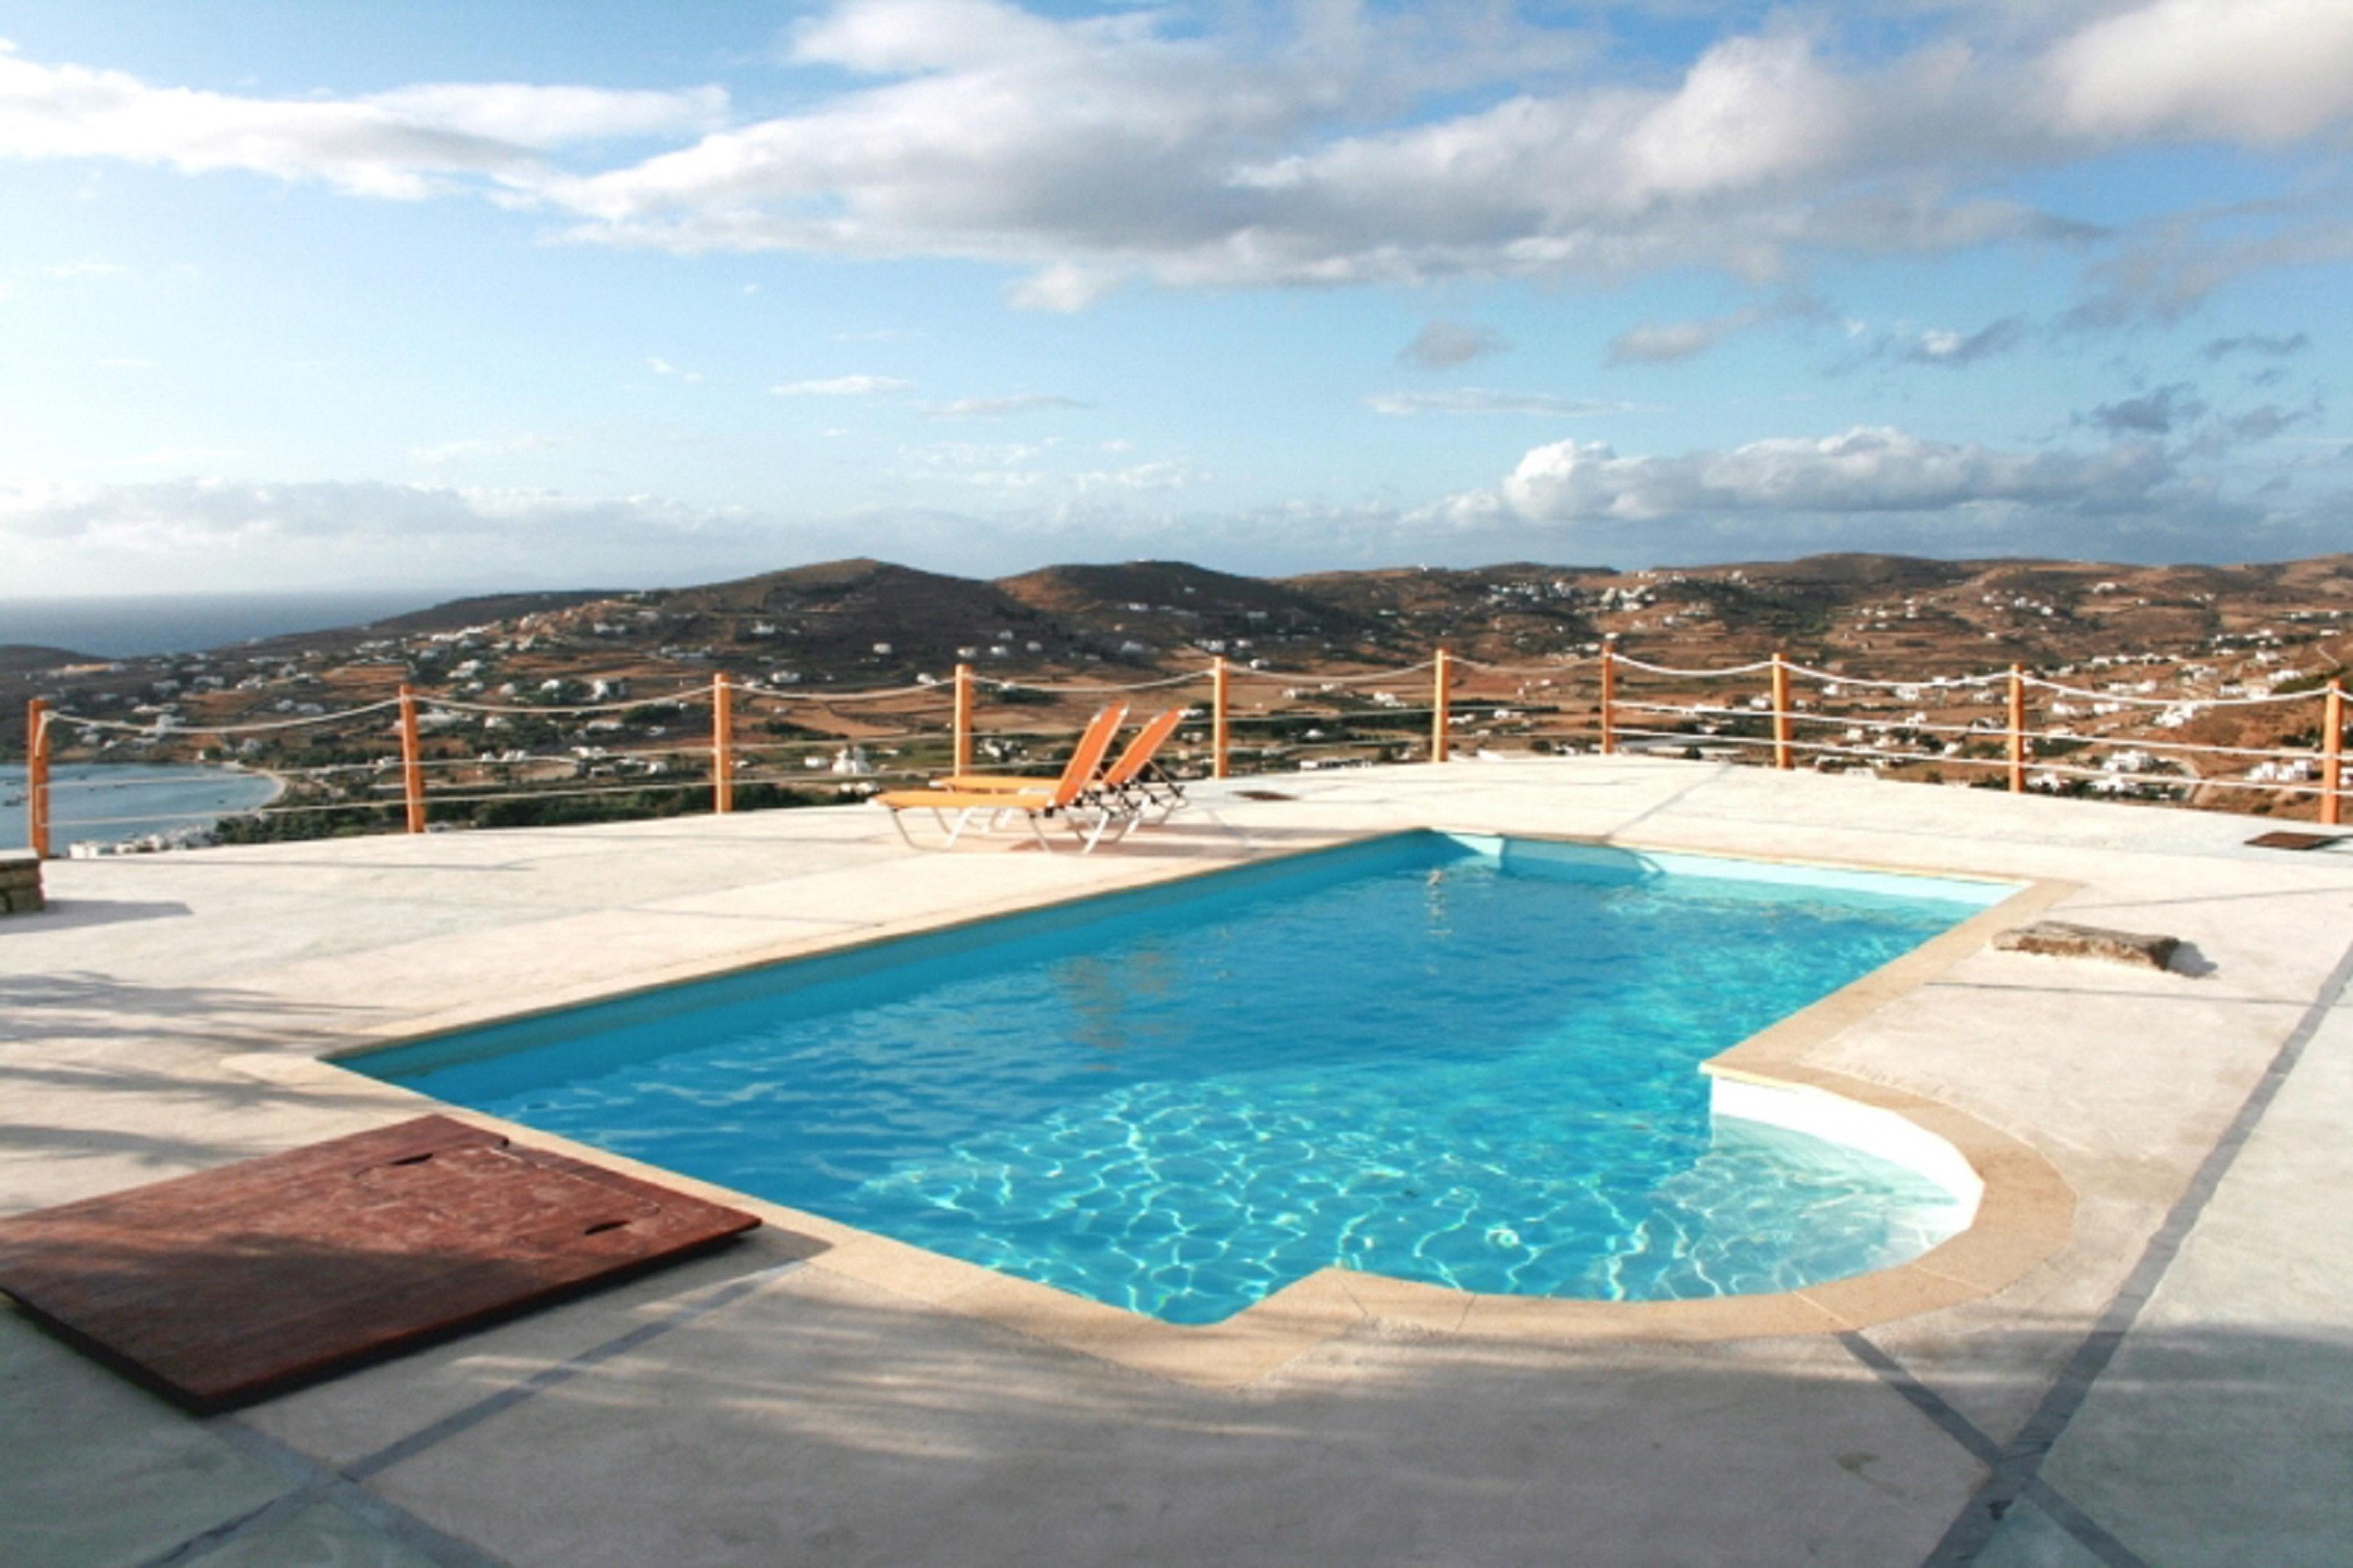 Holiday house Villa mit 3 Schlafzimmern in Paros mit herrlichem Meerblick, Pool und W-LAN - 1 km vom Str (2201537), Paros, Paros, Cyclades, Greece, picture 1